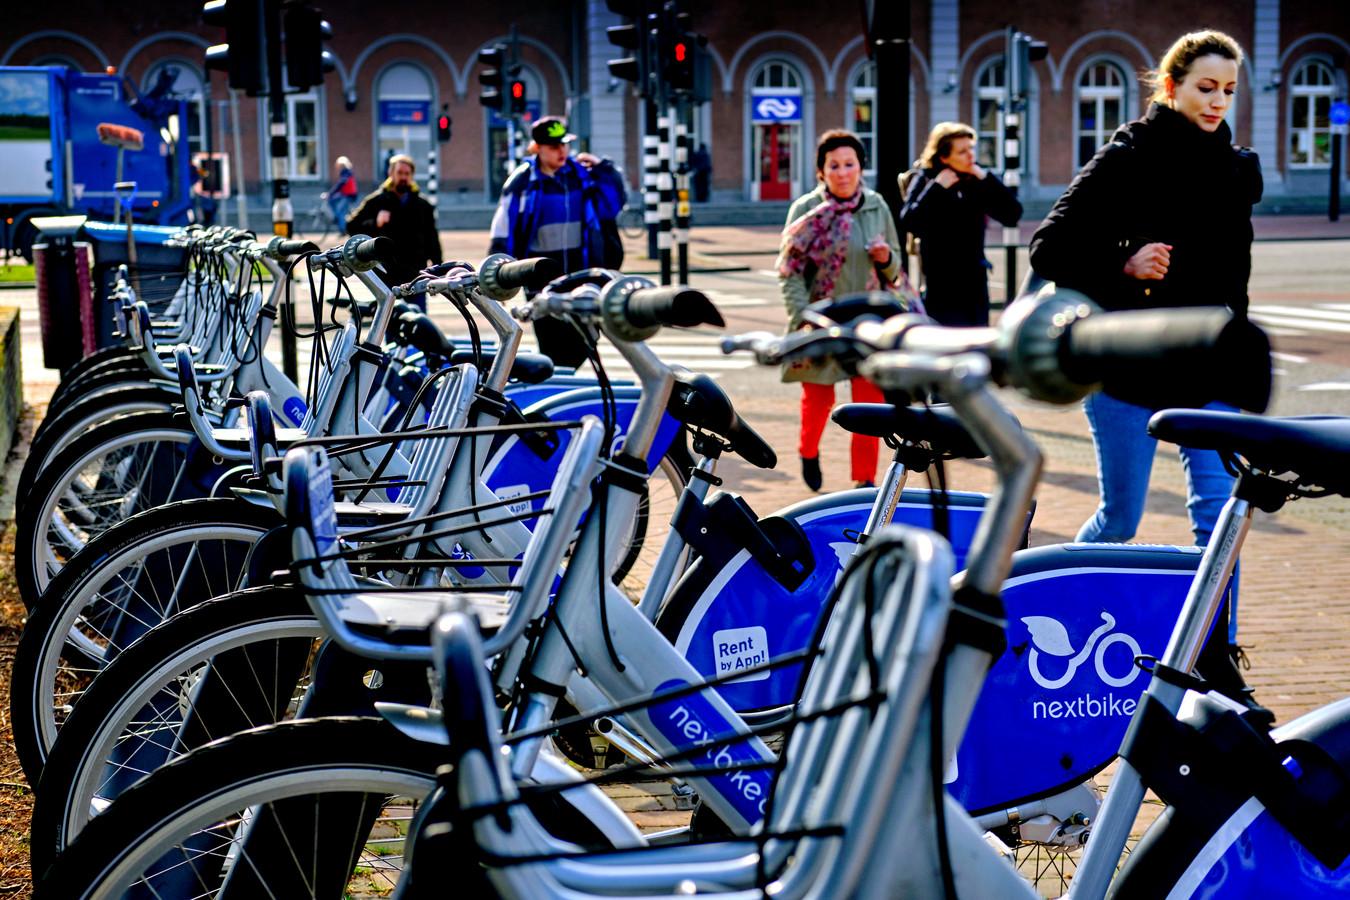 De fietsen van Nextbike zijn via Arriva in Dordrecht beland. Nu Qbuzz het vervoer in de stad op zich heeft genomen krijgen ook de deelfietsen in de toekomst een andere invulling.